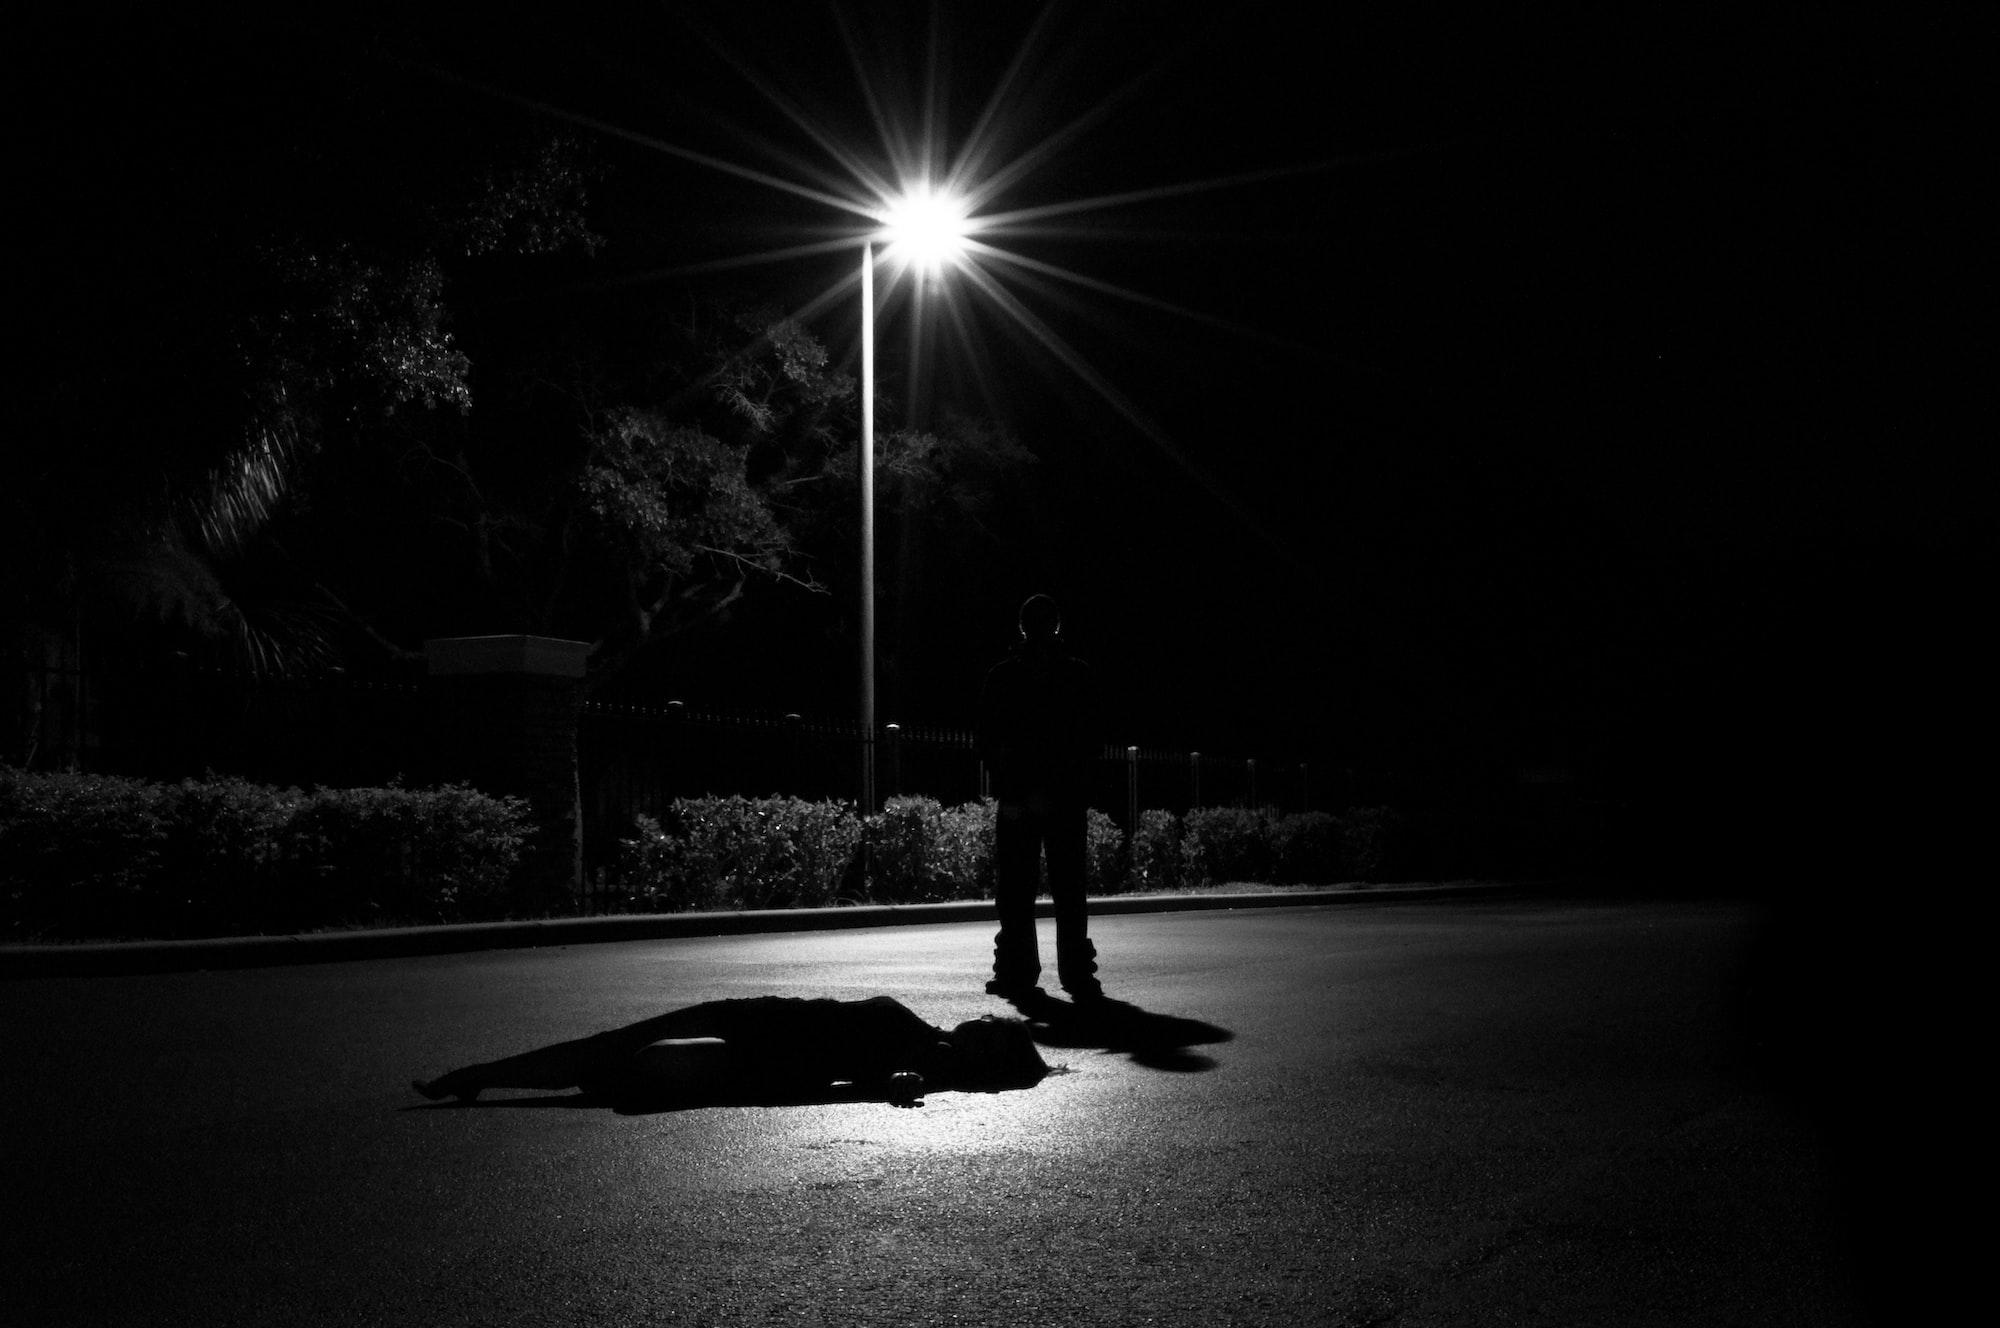 अमेरिका: हत्याओं में 30% की बढ़ोतरी, इस राज्य में बढ़े सबसे ज्यादा 'अपराध'